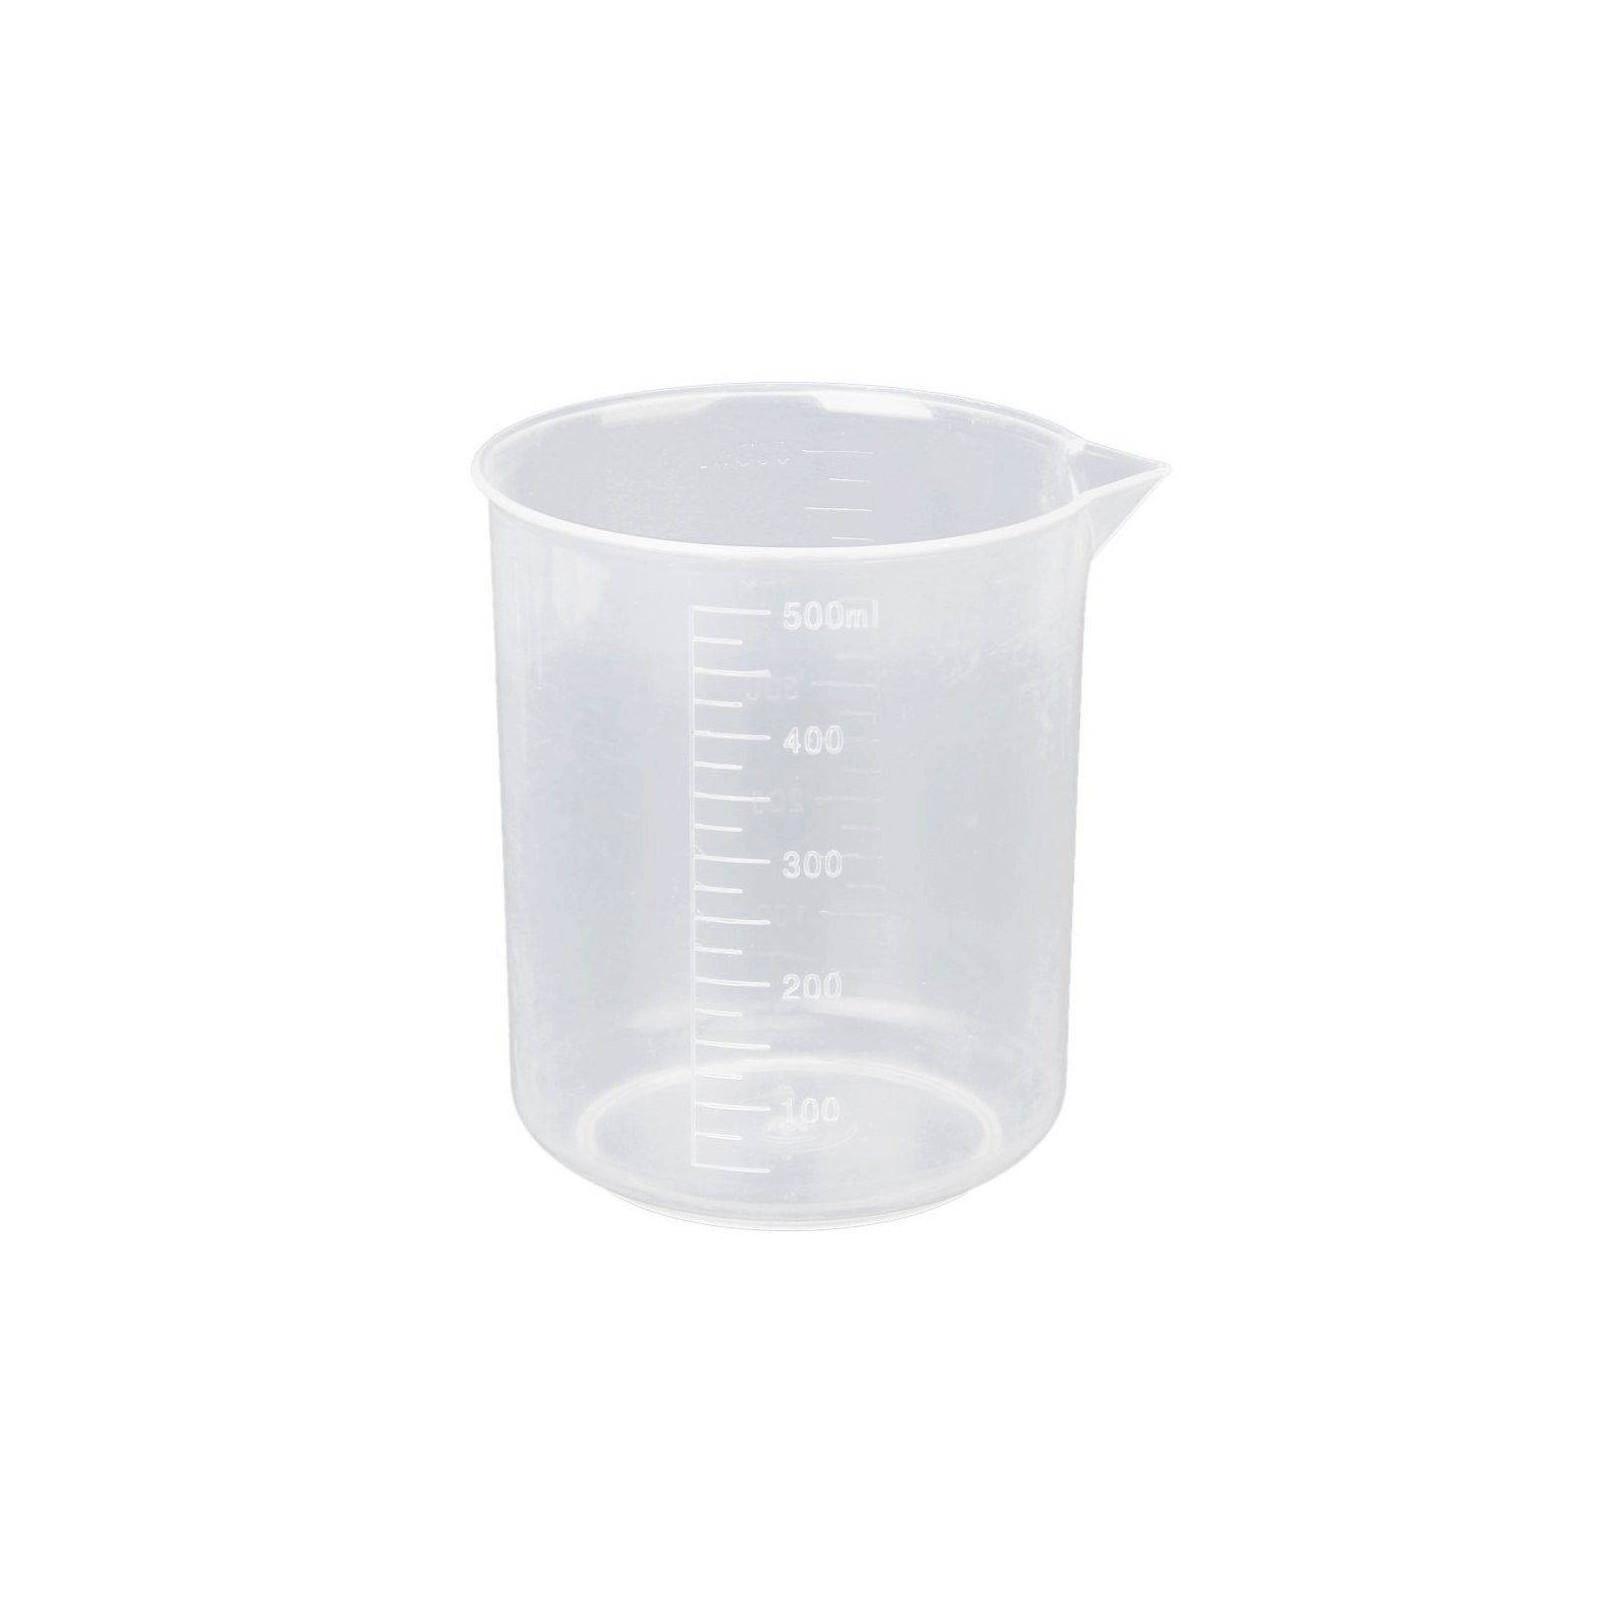 Bécher 500 ml -